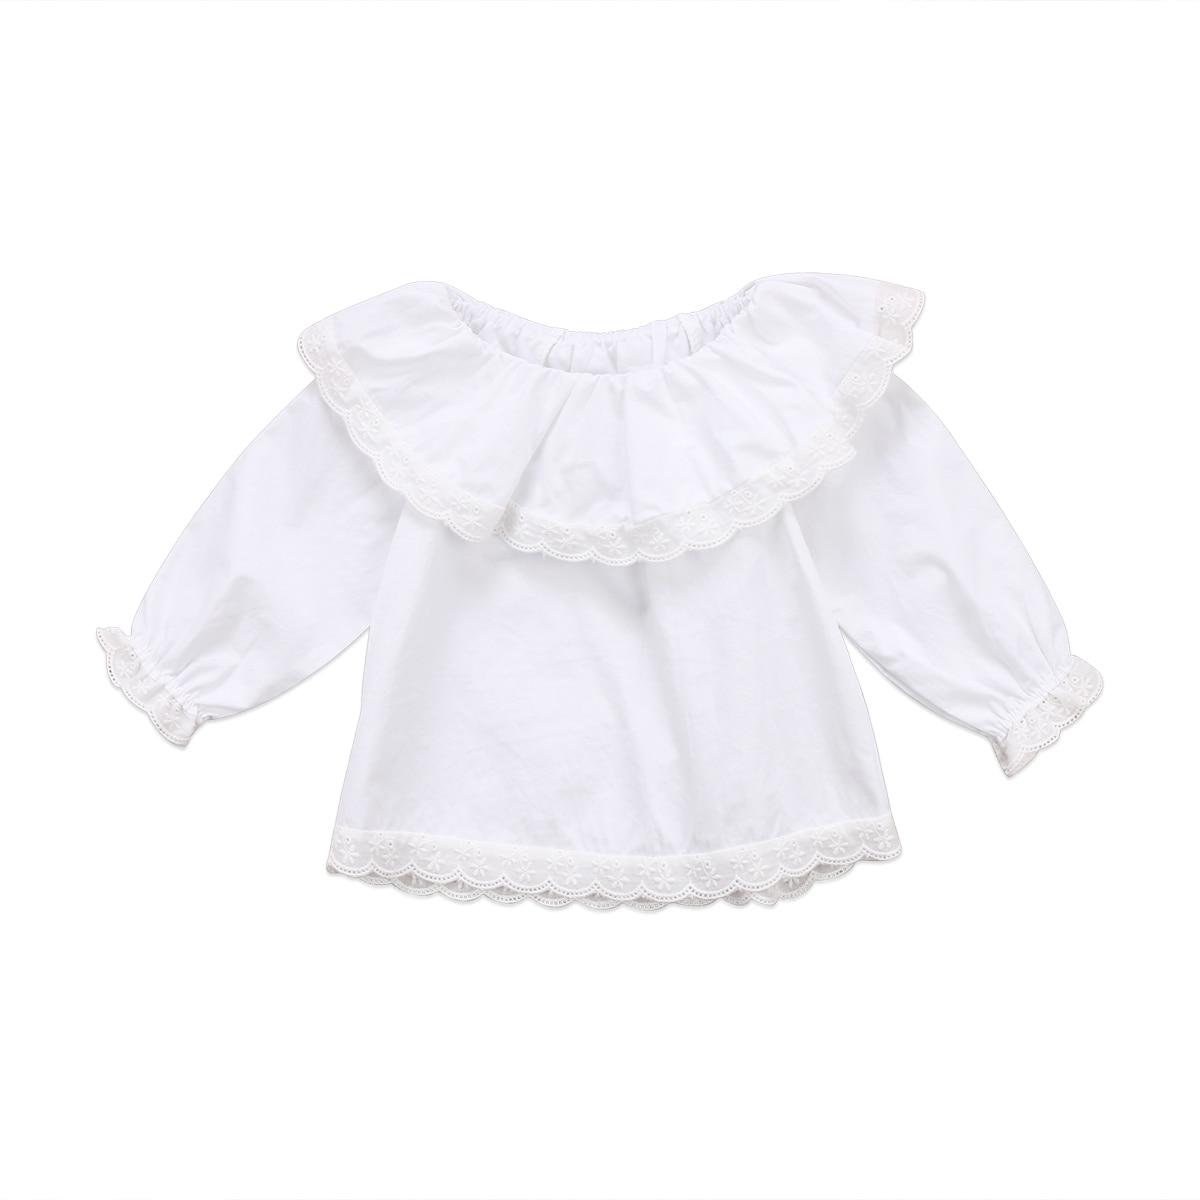 Agressief Bloem Baby Meisjes Tops Pasgeboren Baby Meisjes Prinses Kant Off Shoulder Lange Mouwen Blouse Top Shirt Kleding 0-2 T Compleet In Specificaties